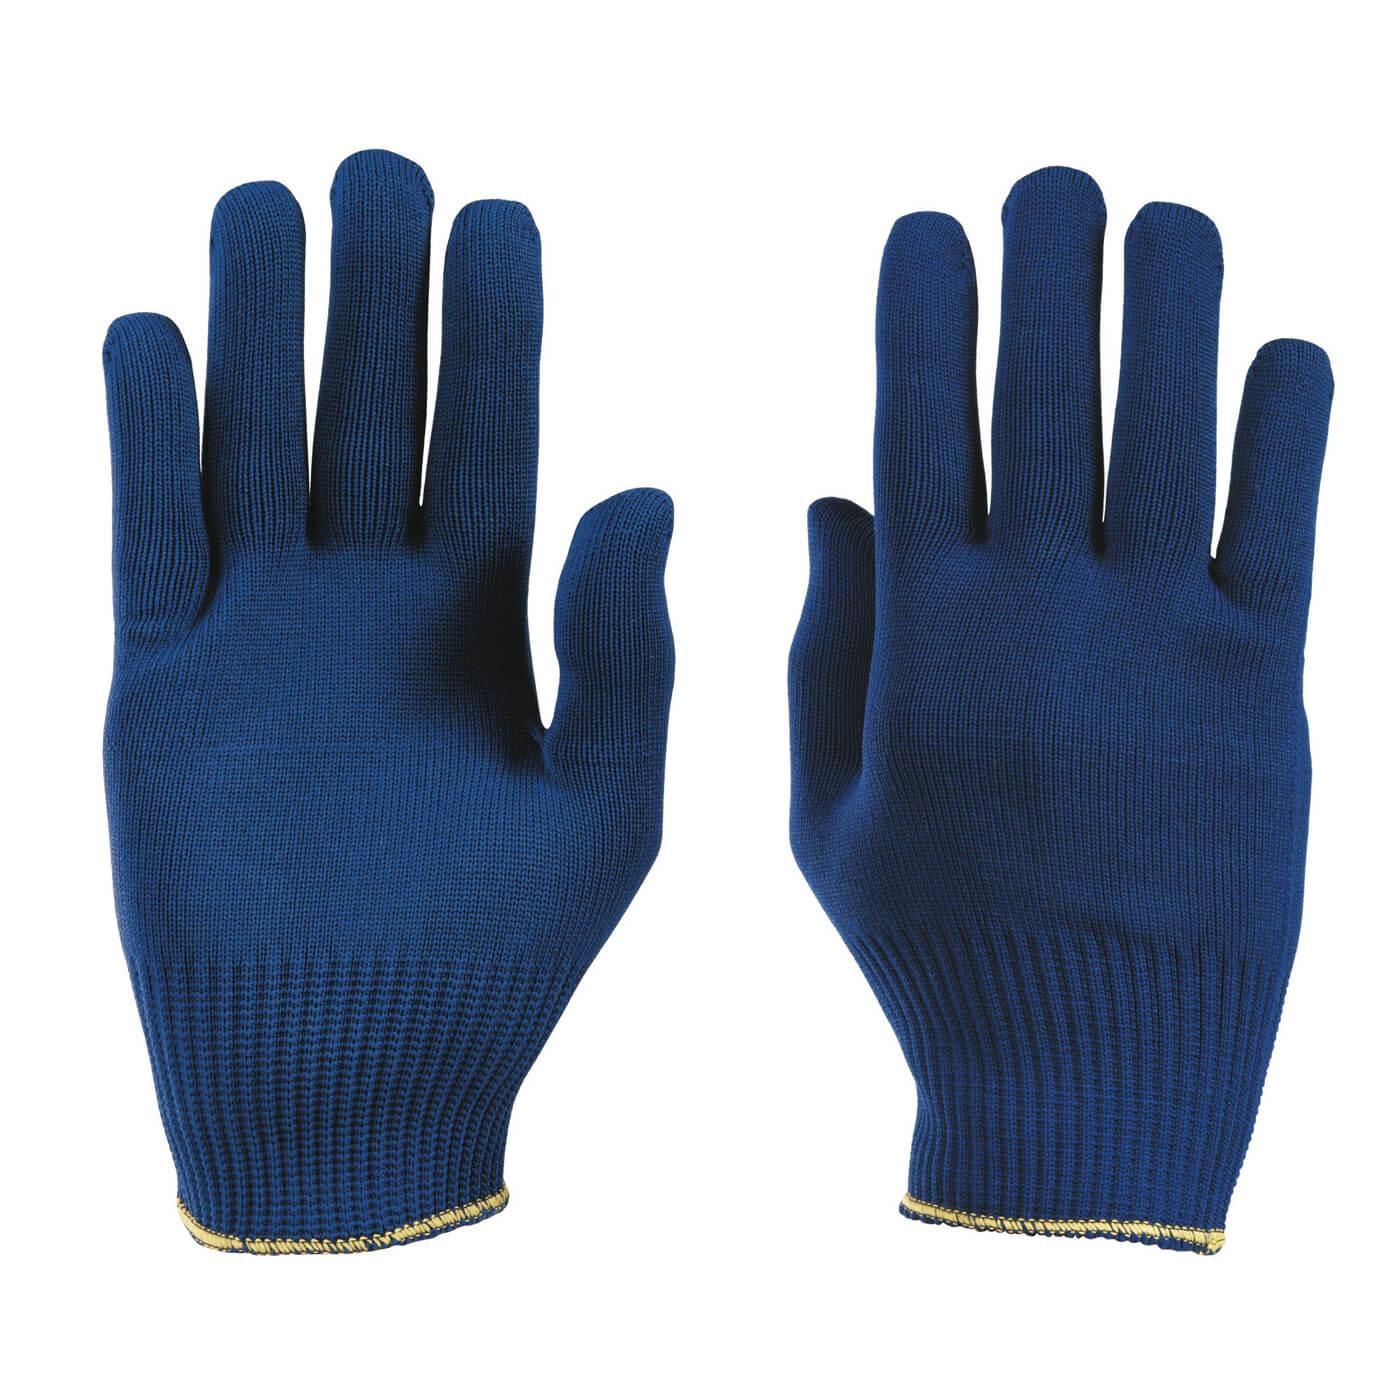 Rękawice antyprzecięciowe KCL 910 POLYTRIX B